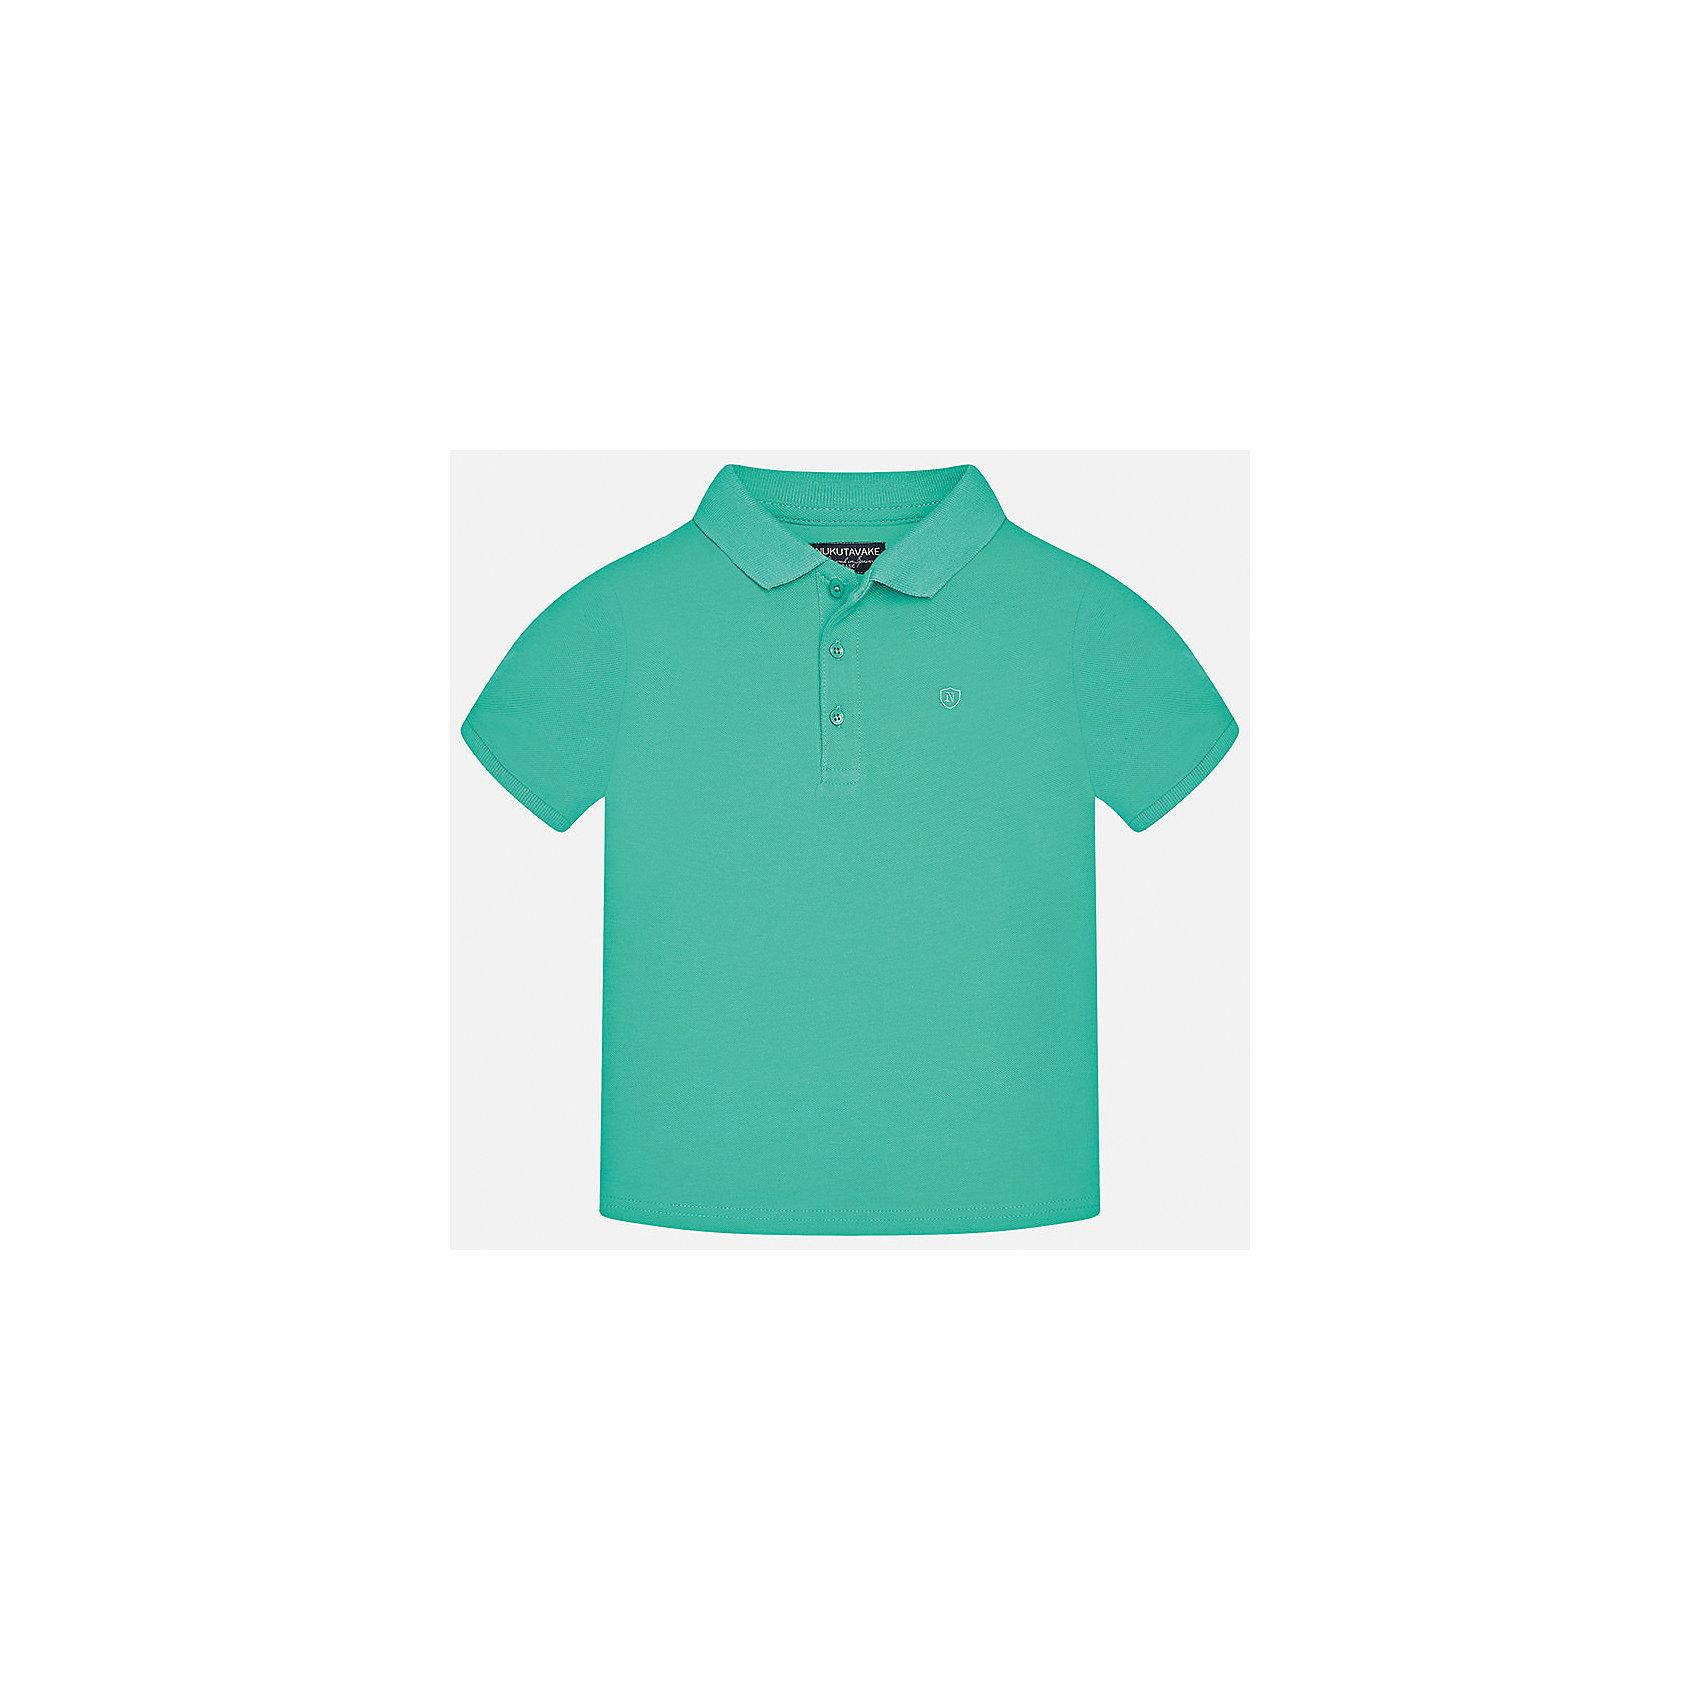 Футболка-поло для мальчика MayoralХарактеристики товара:<br><br>• цвет: зеленый<br>• состав: 100% хлопок<br>• отложной воротник<br>• короткие рукава<br>• застежка: пуговицы<br>• страна бренда: Испания<br><br>Удобная и модная футболка-поло для мальчика может стать базовой вещью в гардеробе ребенка. Она отлично сочетается с брюками, шортами, джинсами и т.д. Универсальный крой и цвет позволяет подобрать к вещи низ разных расцветок. Практичное и стильное изделие! В составе материала - только натуральный хлопок, гипоаллергенный, приятный на ощупь, дышащий.<br><br>Одежда, обувь и аксессуары от испанского бренда Mayoral полюбились детям и взрослым по всему миру. Модели этой марки - стильные и удобные. Для их производства используются только безопасные, качественные материалы и фурнитура. Порадуйте ребенка модными и красивыми вещами от Mayoral! <br><br>Футболку-поло для мальчика от испанского бренда Mayoral (Майорал) можно купить в нашем интернет-магазине.<br><br>Ширина мм: 230<br>Глубина мм: 40<br>Высота мм: 220<br>Вес г: 250<br>Цвет: зеленый<br>Возраст от месяцев: 96<br>Возраст до месяцев: 108<br>Пол: Мужской<br>Возраст: Детский<br>Размер: 140,170,158,152,128/134,164<br>SKU: 5278342